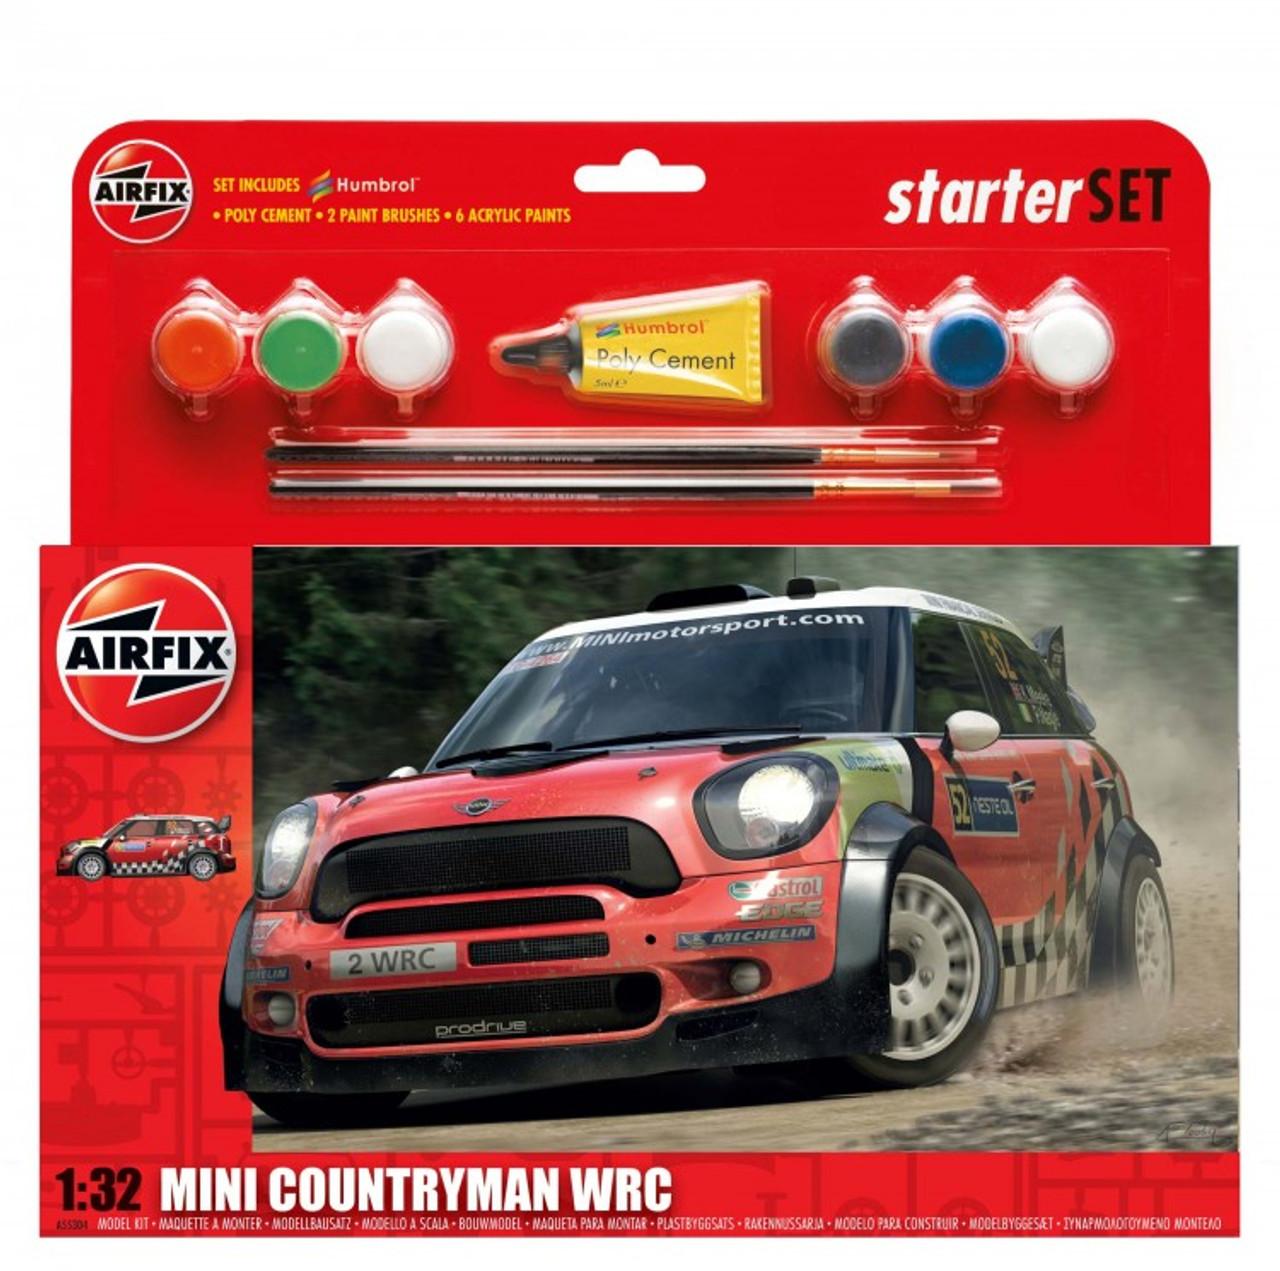 Airfix A55304 MINI Countryman WRC Starter Set 1:32 Scale Model Kit